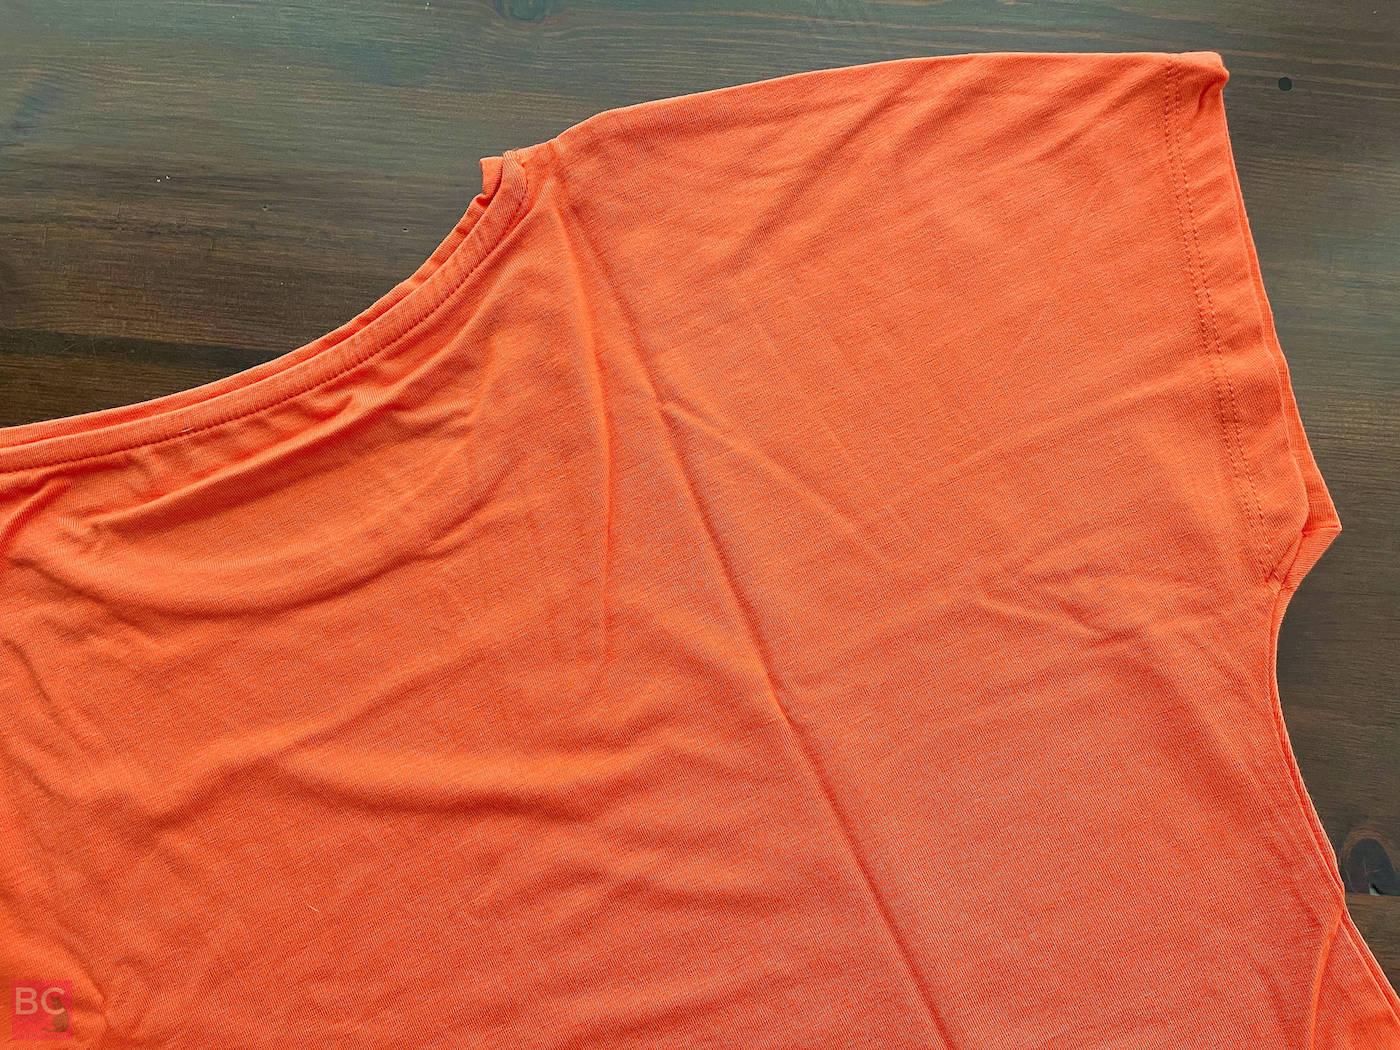 The Mia Shirt Les Lunes Erfahrungen hinten Details